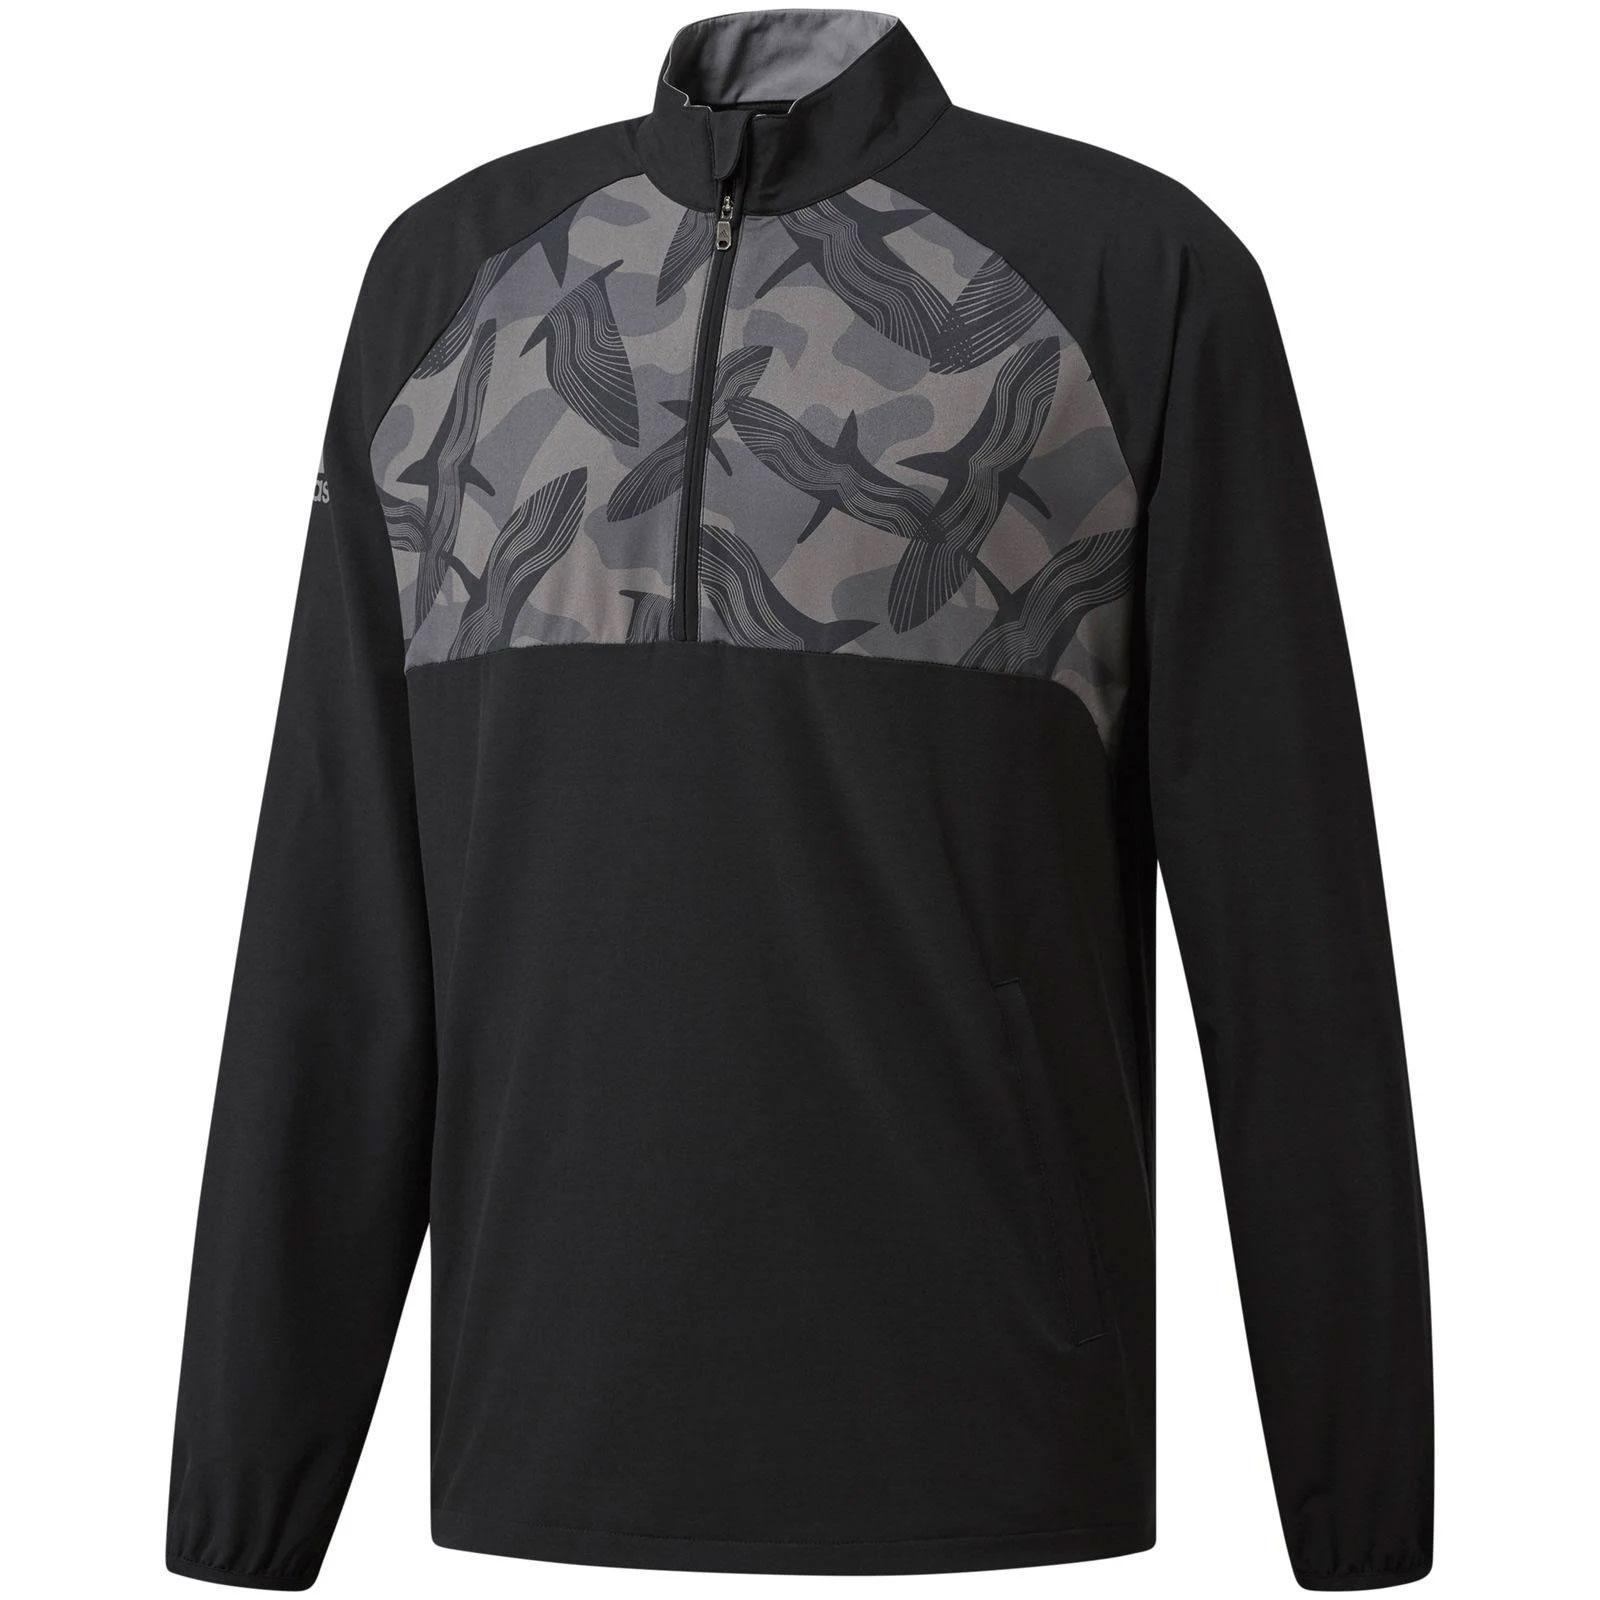 Adidas Novelty Windbreaker Quarter-Zip Black Pullover